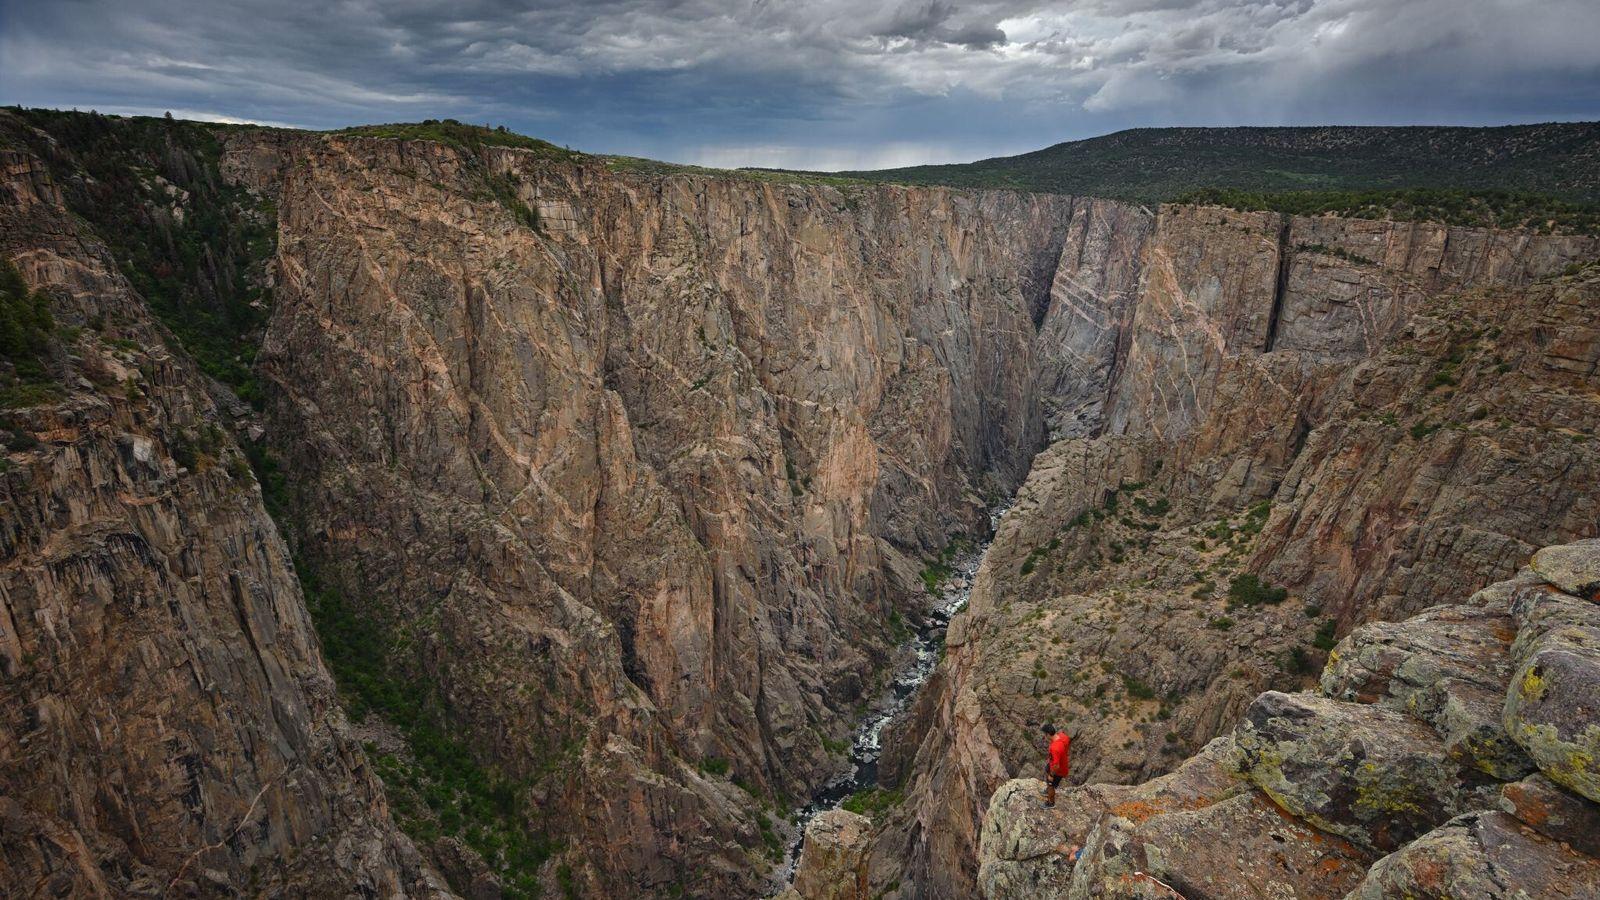 Les roches métamorphiques sombres du Black Canyon et leur alternance de granit rose ont plus de ...